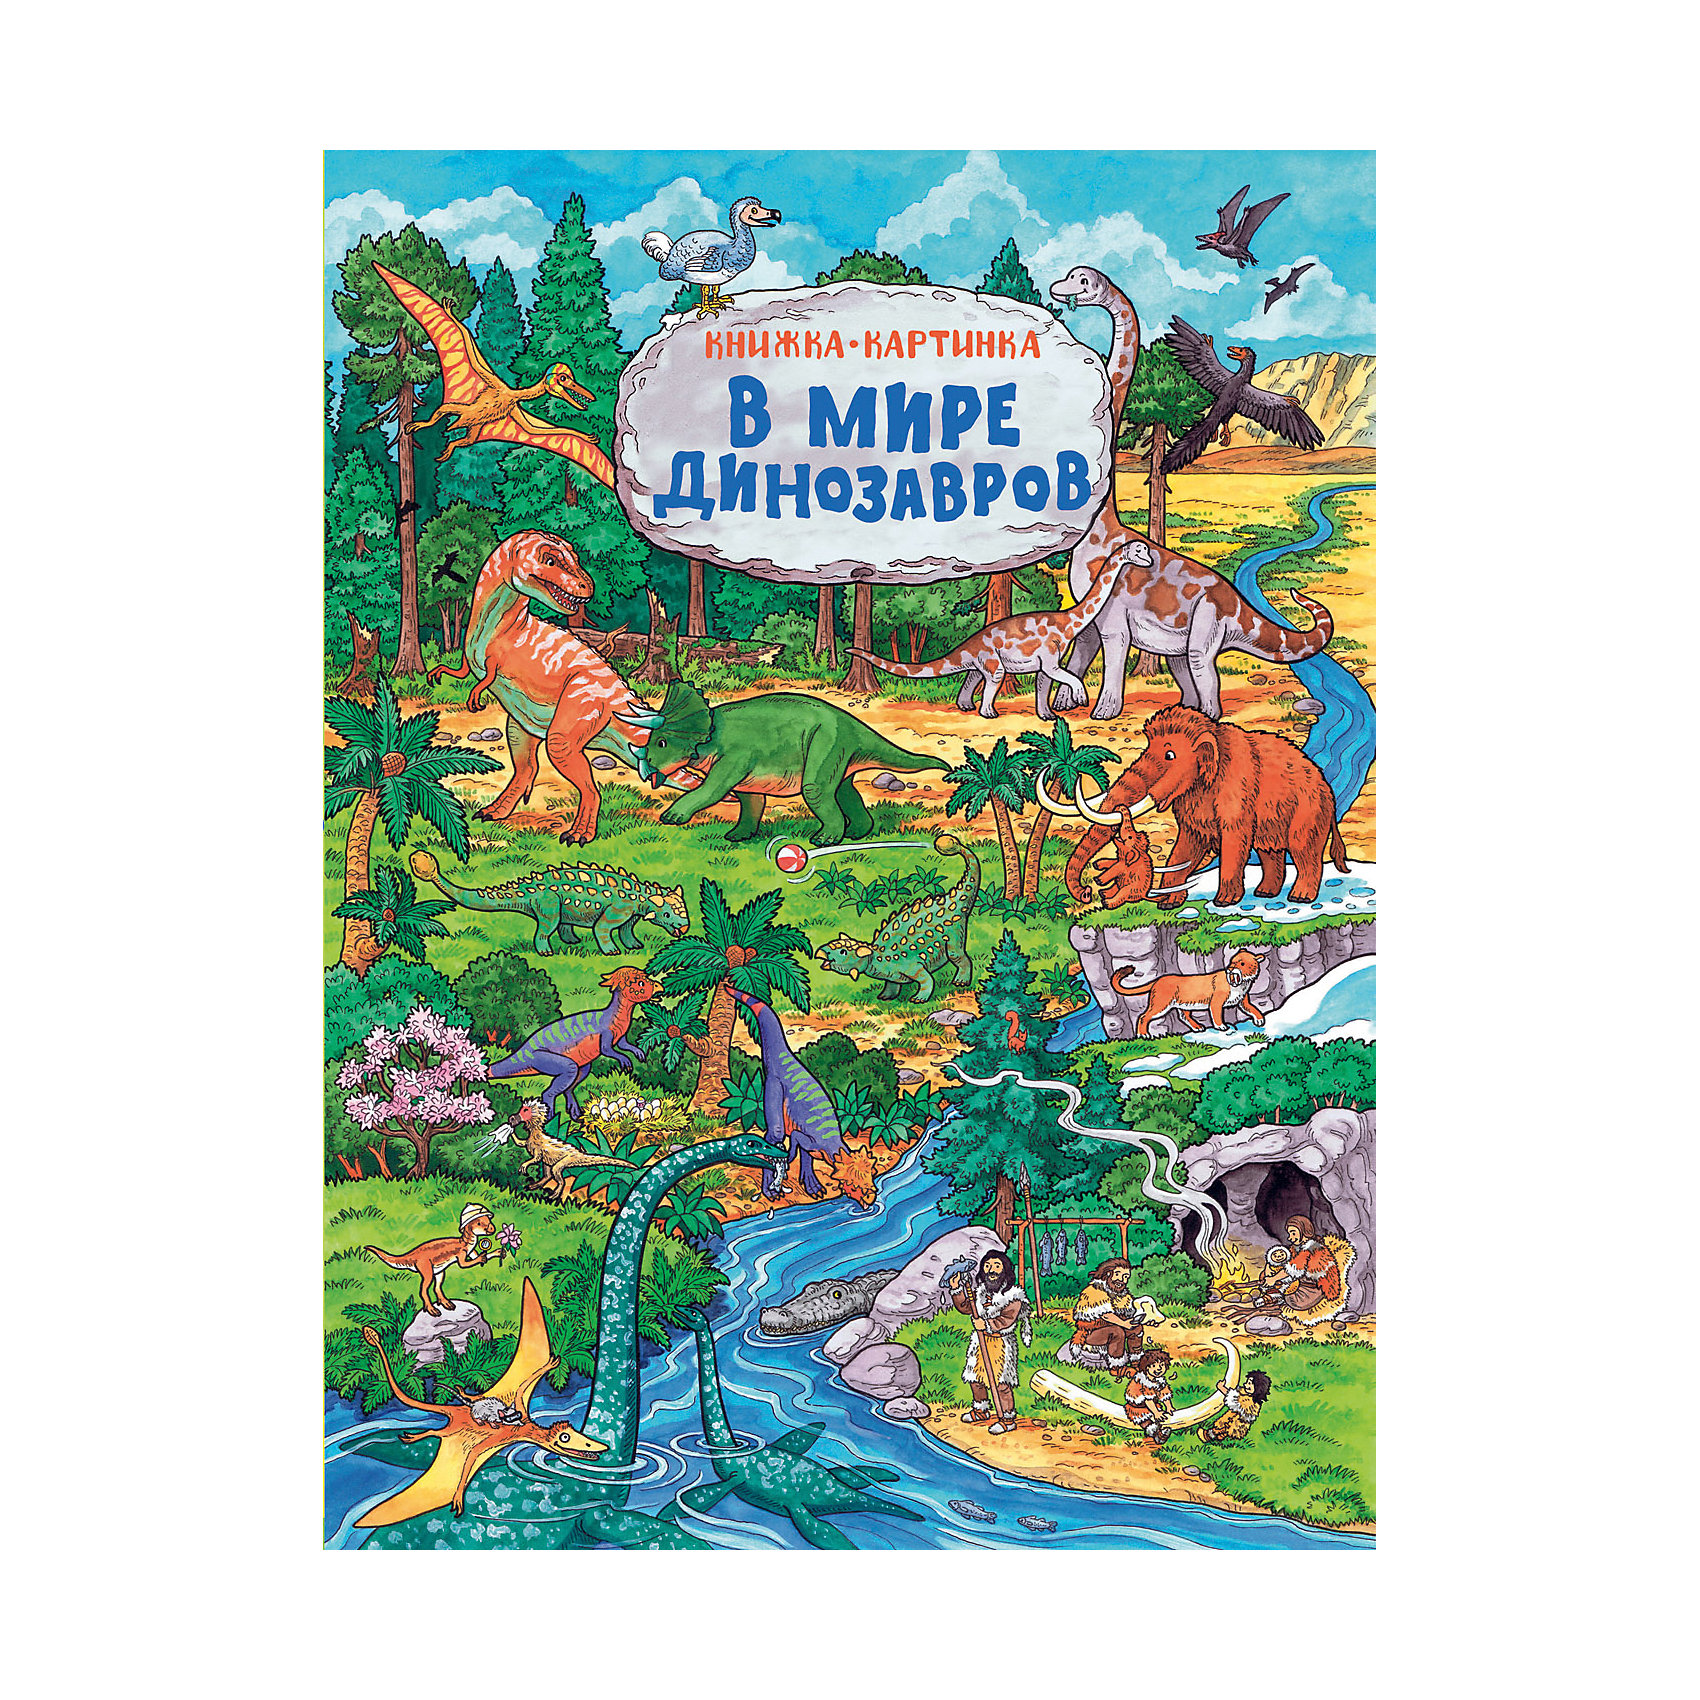 В мире динозавров (Книжка-картинка)Виммельбухи<br>Характеристики товара:<br><br>- цвет: разноцветный;<br>- материал: бумага;<br>- страниц: 14;<br>- формат: 32 x 24 см;<br>- обложка: твердая;<br>- цветные иллюстрации.<br><br>Эта интересная книга с иллюстрациями станет отличным подарком для ребенка. Талантливый иллюстратор дополнил книгу качественными рисунками, которые можно рассматривать бесконечно!<br>Чтение и рассматривание картинок даже в юном возрасте помогает ребенку развивать зрительную память, концентрацию внимания и воображение. Издание произведено из качественных материалов, которые безопасны даже для самых маленьких.<br><br>Книгу В мире динозавров (Книжка-картинка) от компании Росмэн можно купить в нашем интернет-магазине.<br><br>Ширина мм: 315<br>Глубина мм: 235<br>Высота мм: 10<br>Вес г: 375<br>Возраст от месяцев: 0<br>Возраст до месяцев: 36<br>Пол: Унисекс<br>Возраст: Детский<br>SKU: 5110050